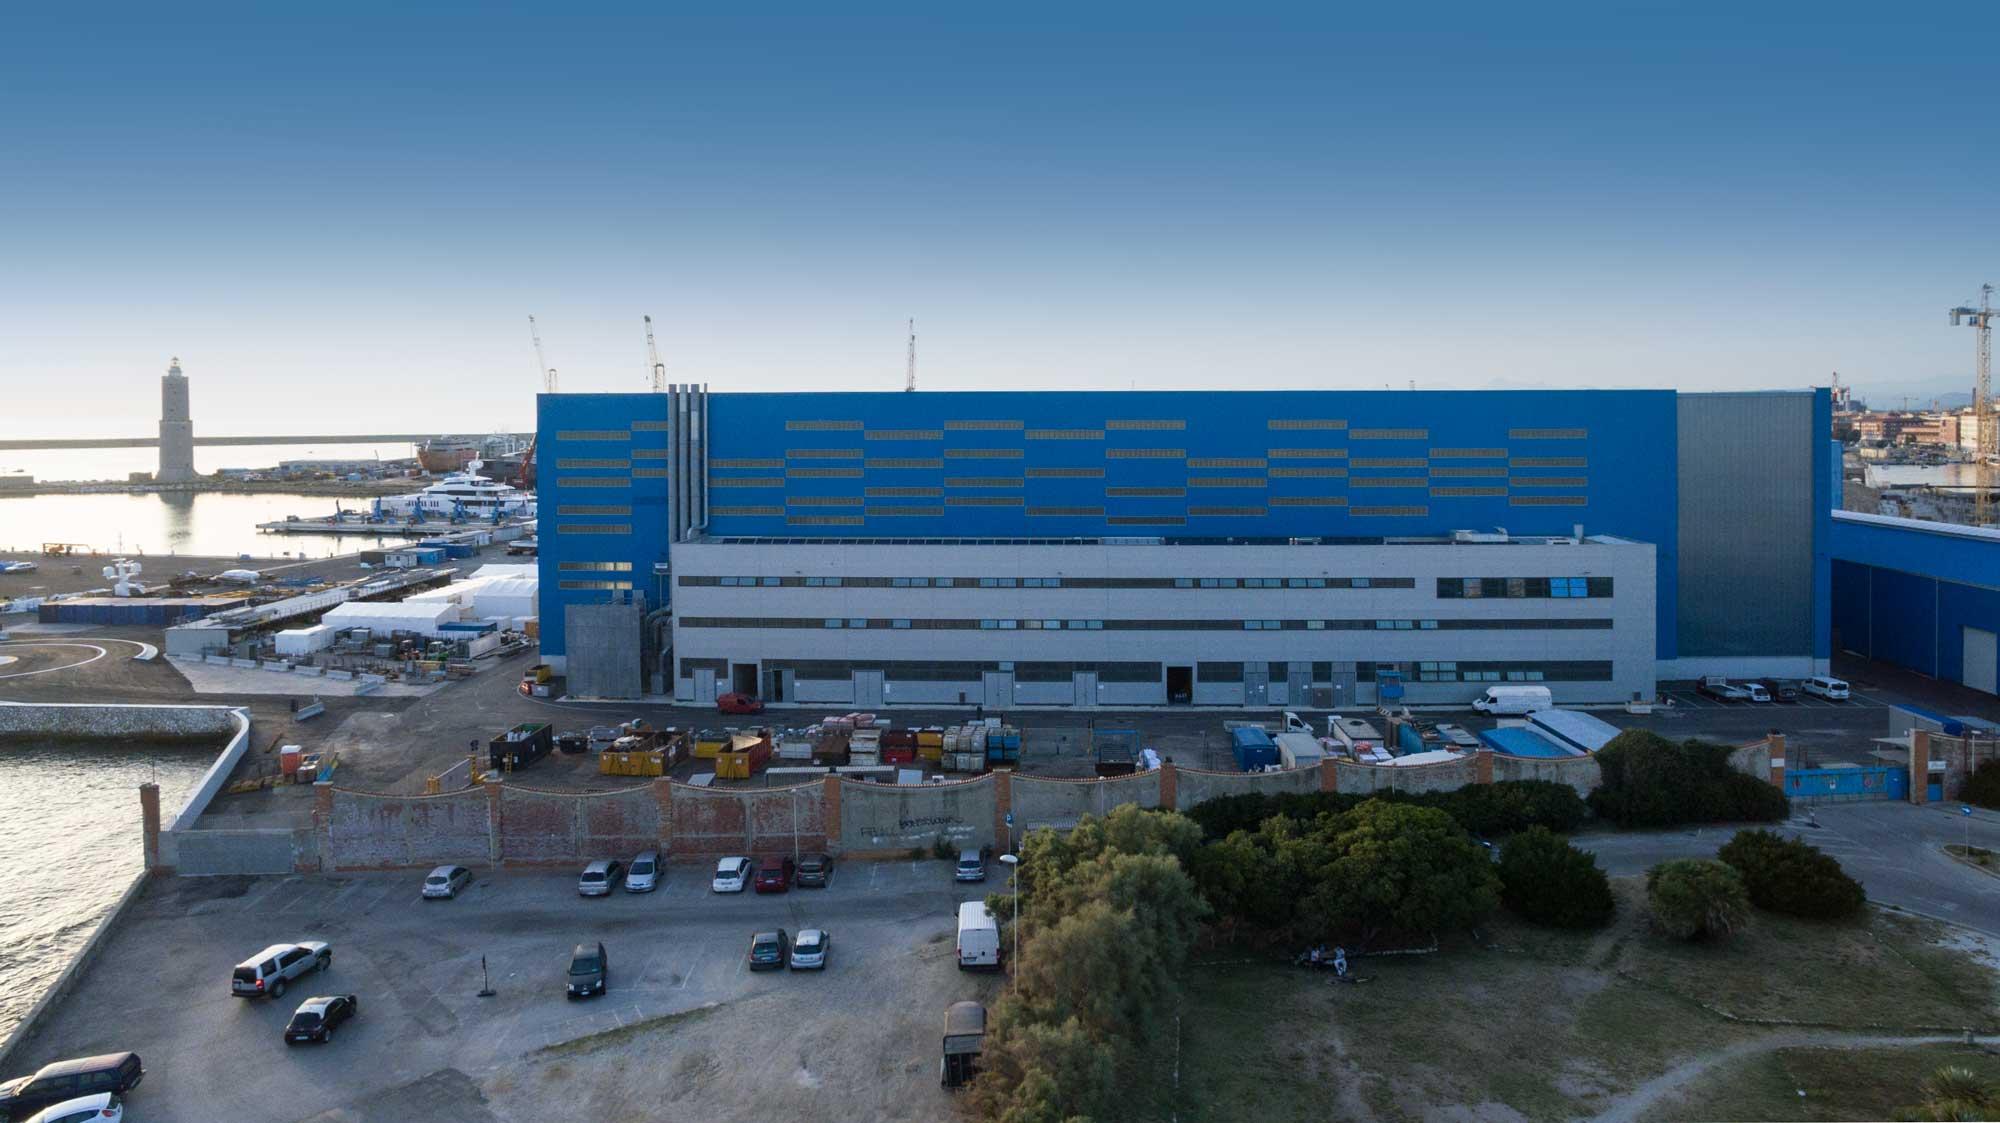 cantiere navale lattonedilJI_0015